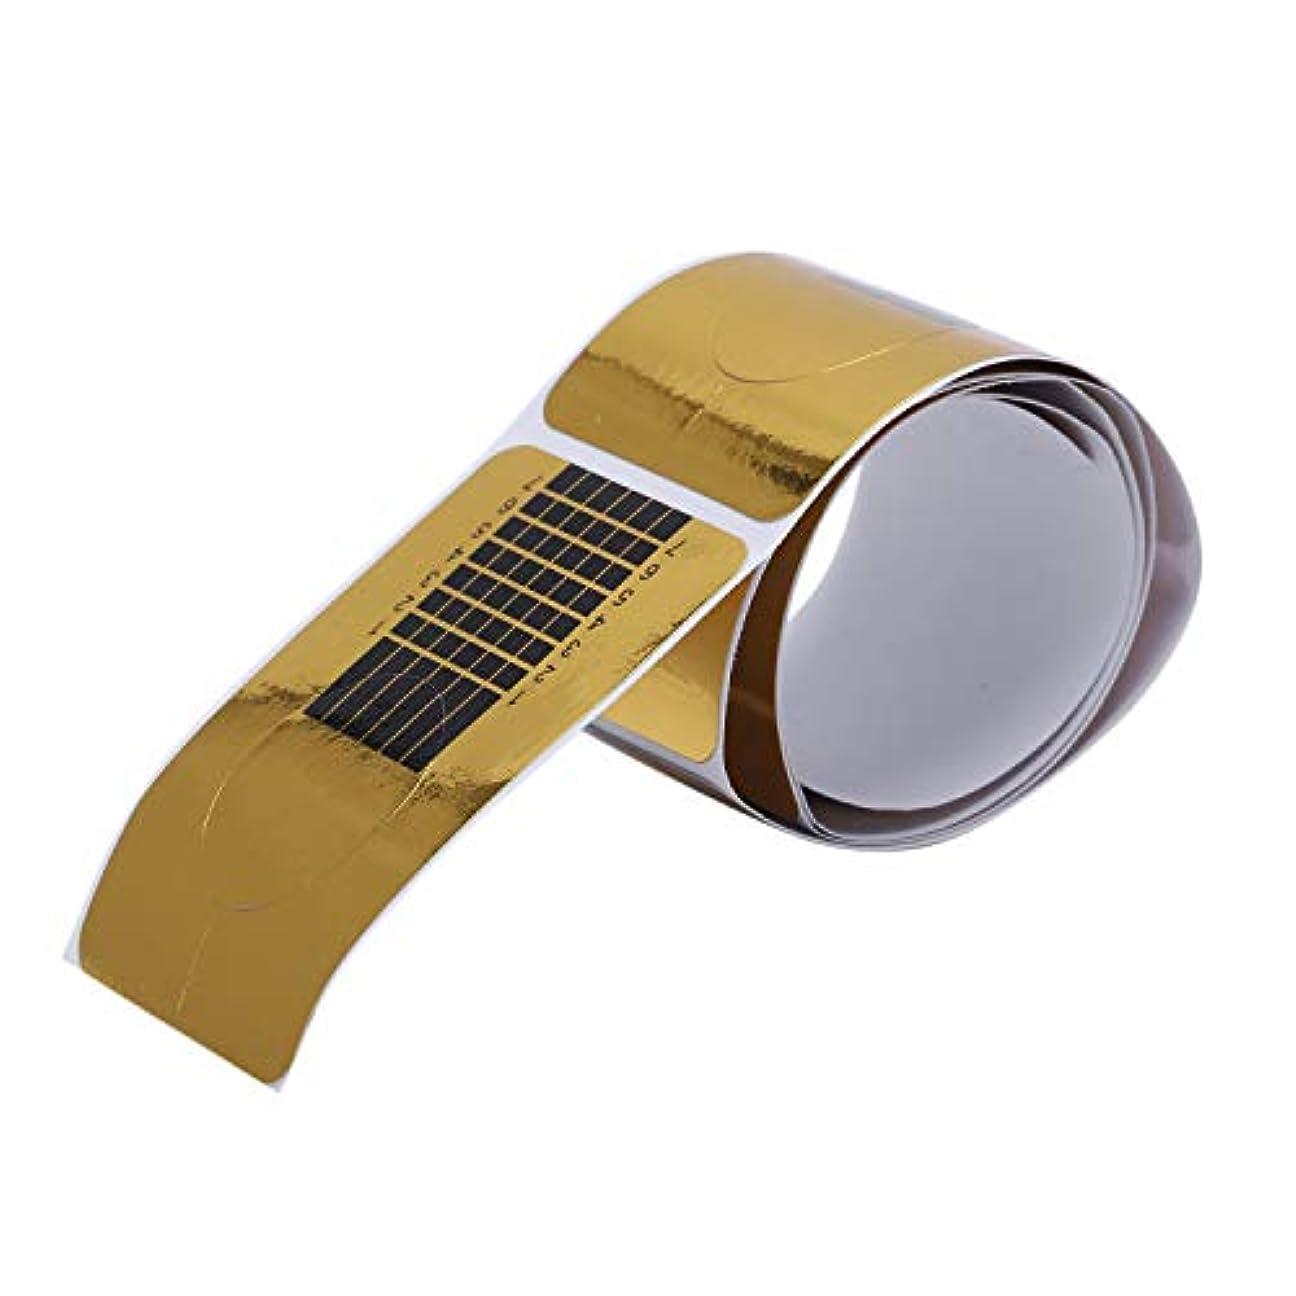 出身地定期的にプレフィックスTYJP 100x ゴールデンのネイルのカバー、DIYツール